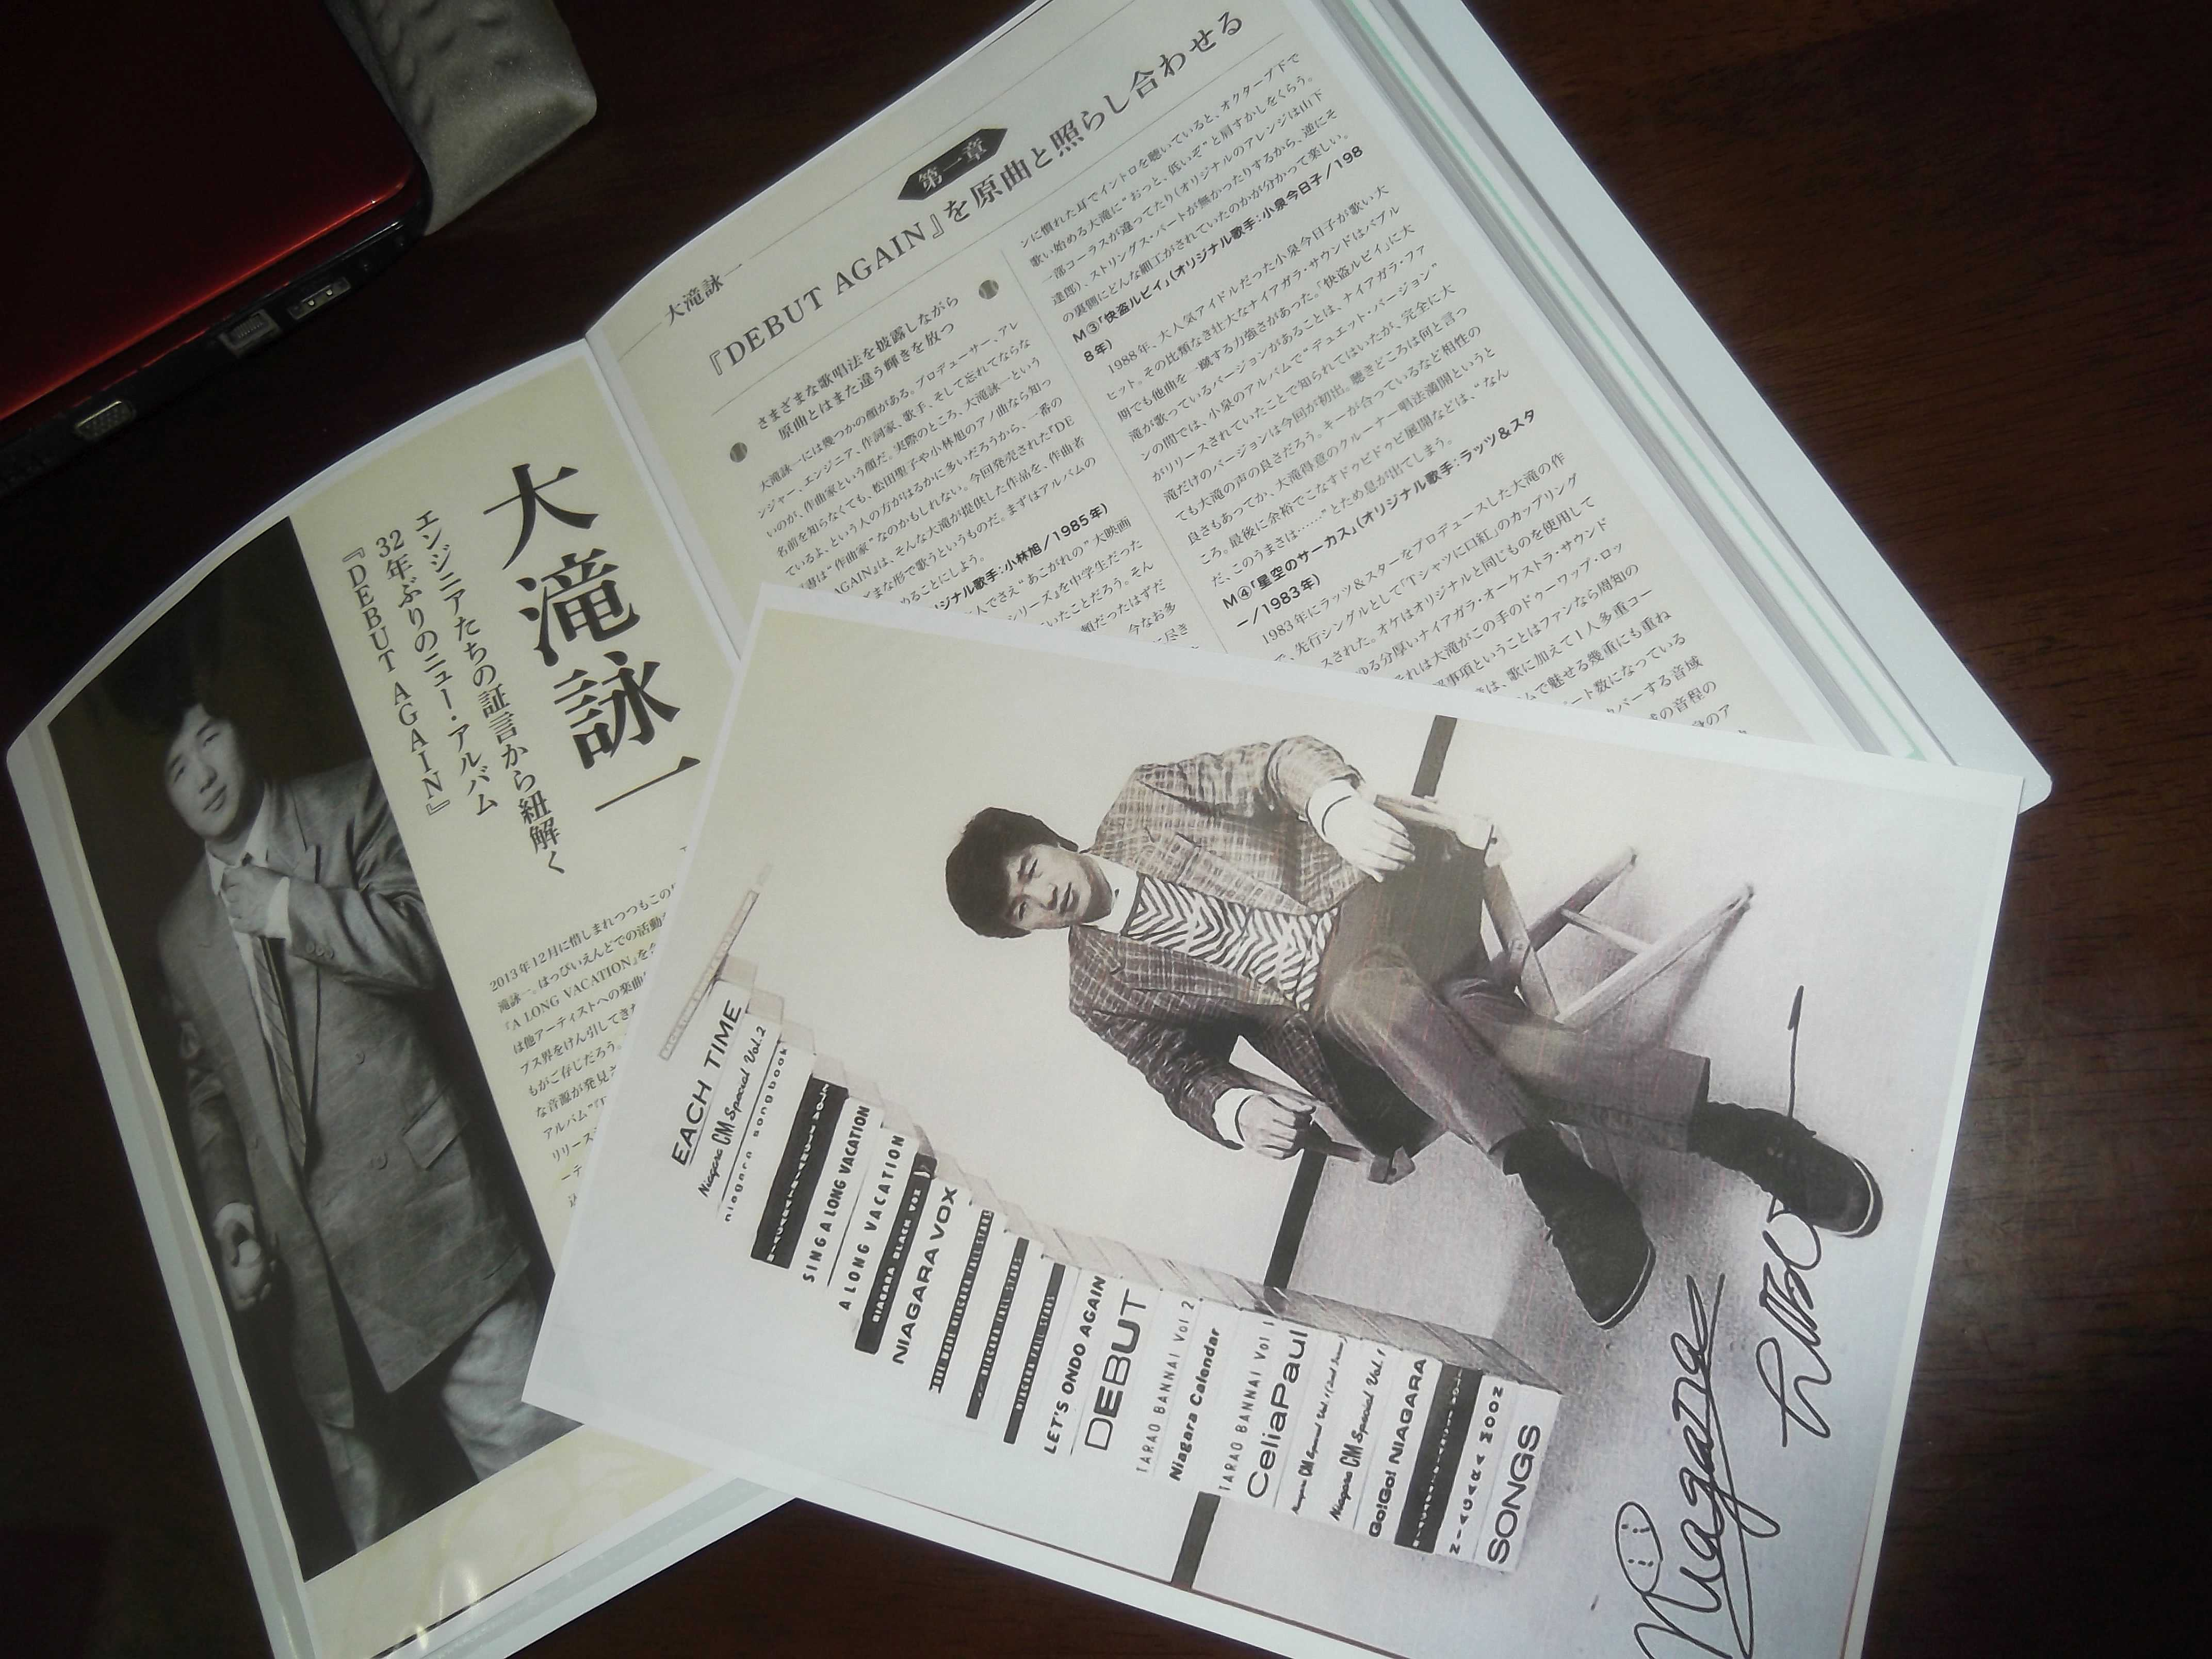 【追悼】大滝詠一【Mourning】 Mr.Oh-taki Eiichi